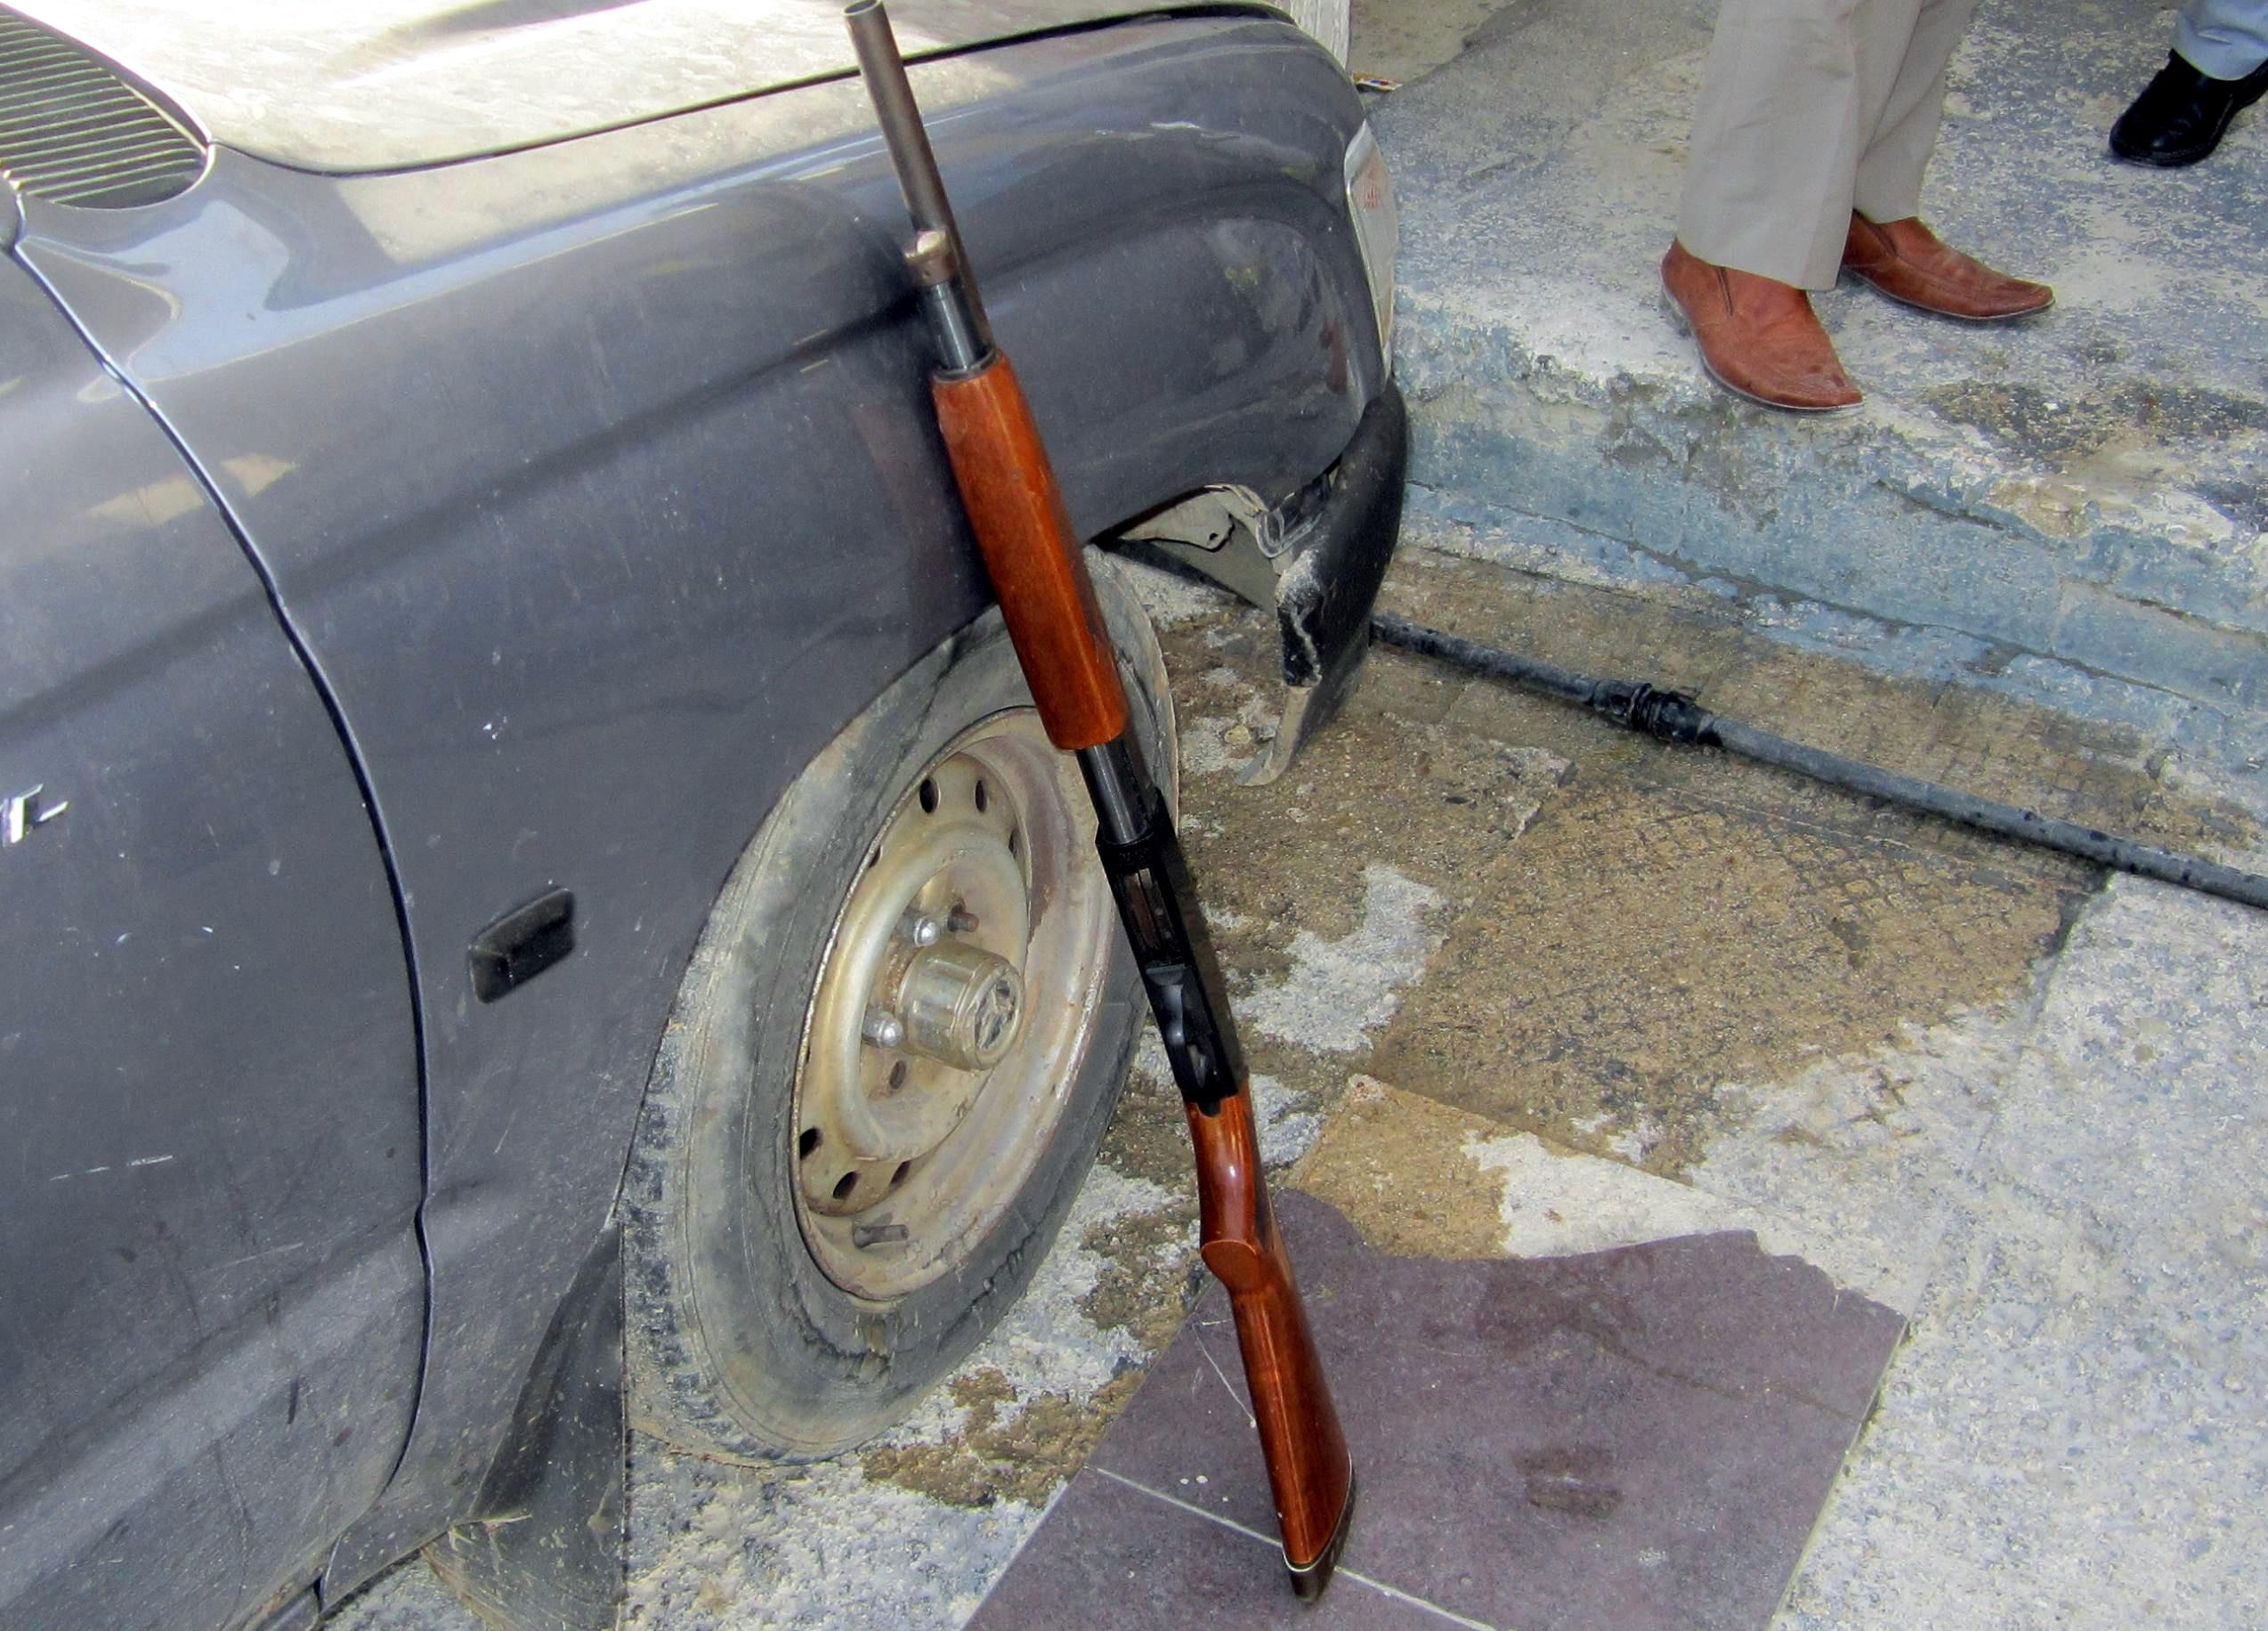 Μαγνησία: Τραγωδία με νεκρό κυνηγό – Τον πυροβόλησε φίλος του, που τον πέρασε για θήραμα